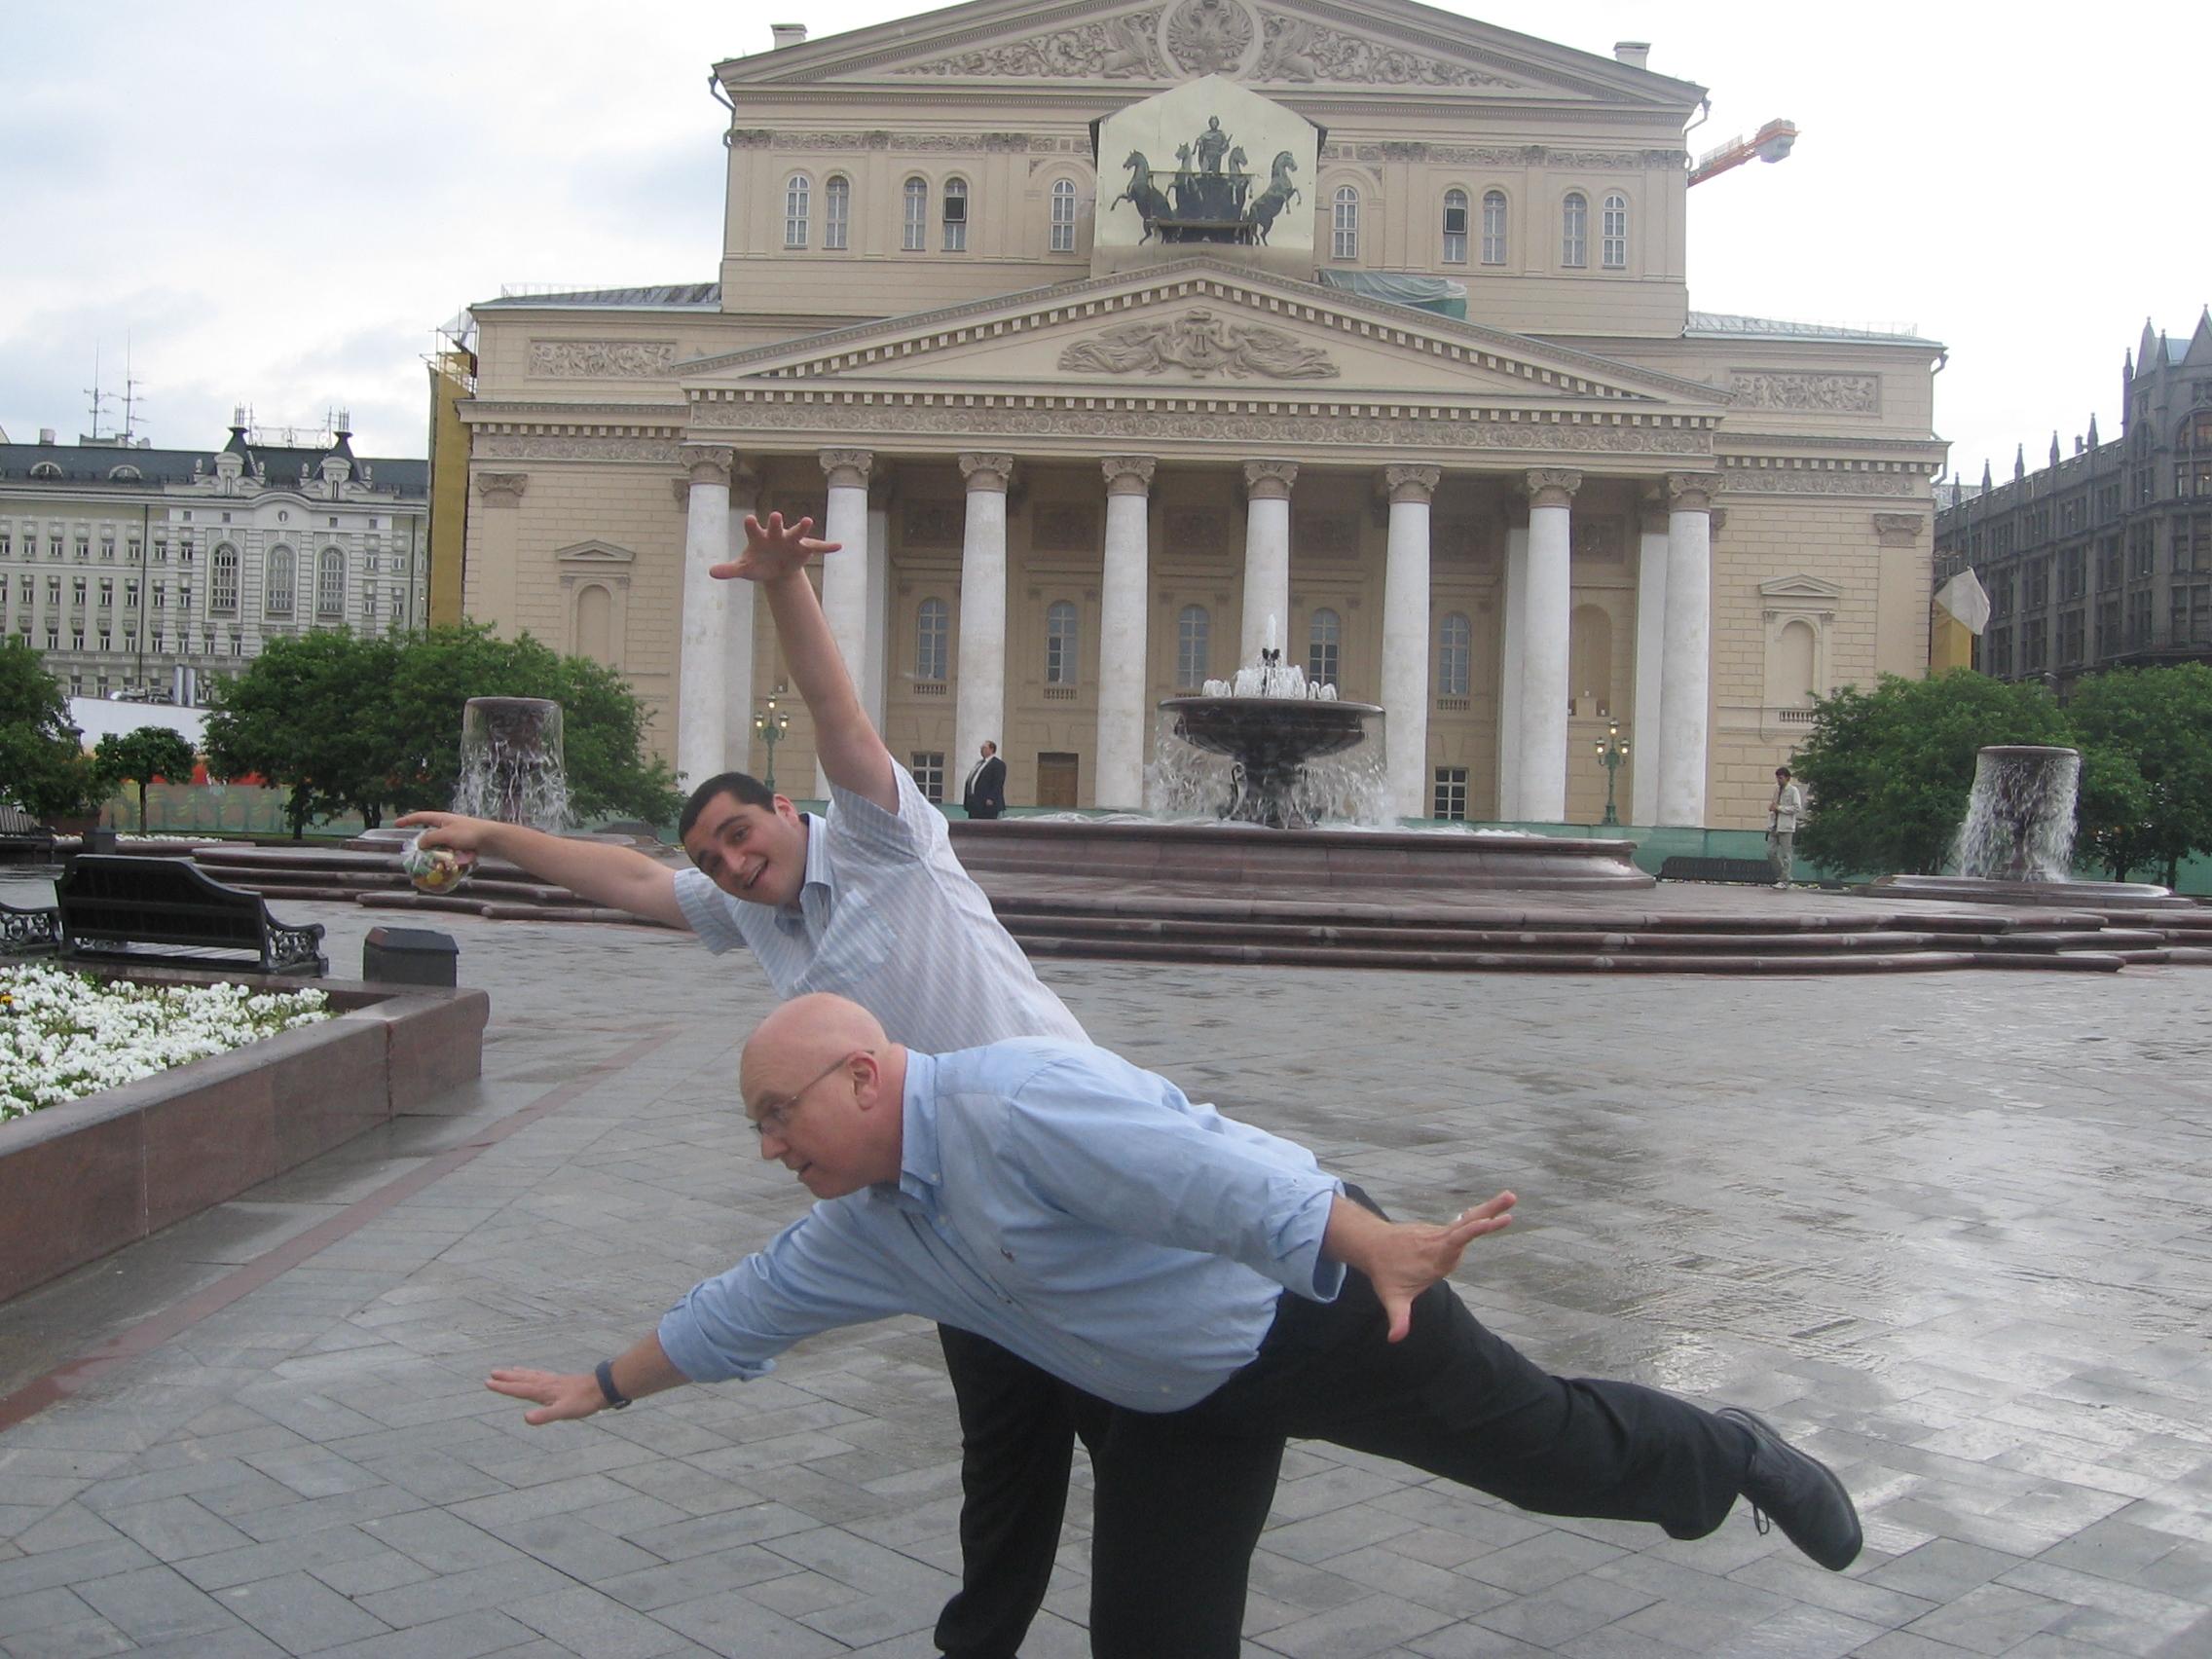 לא זוכר איפה במוסקבה